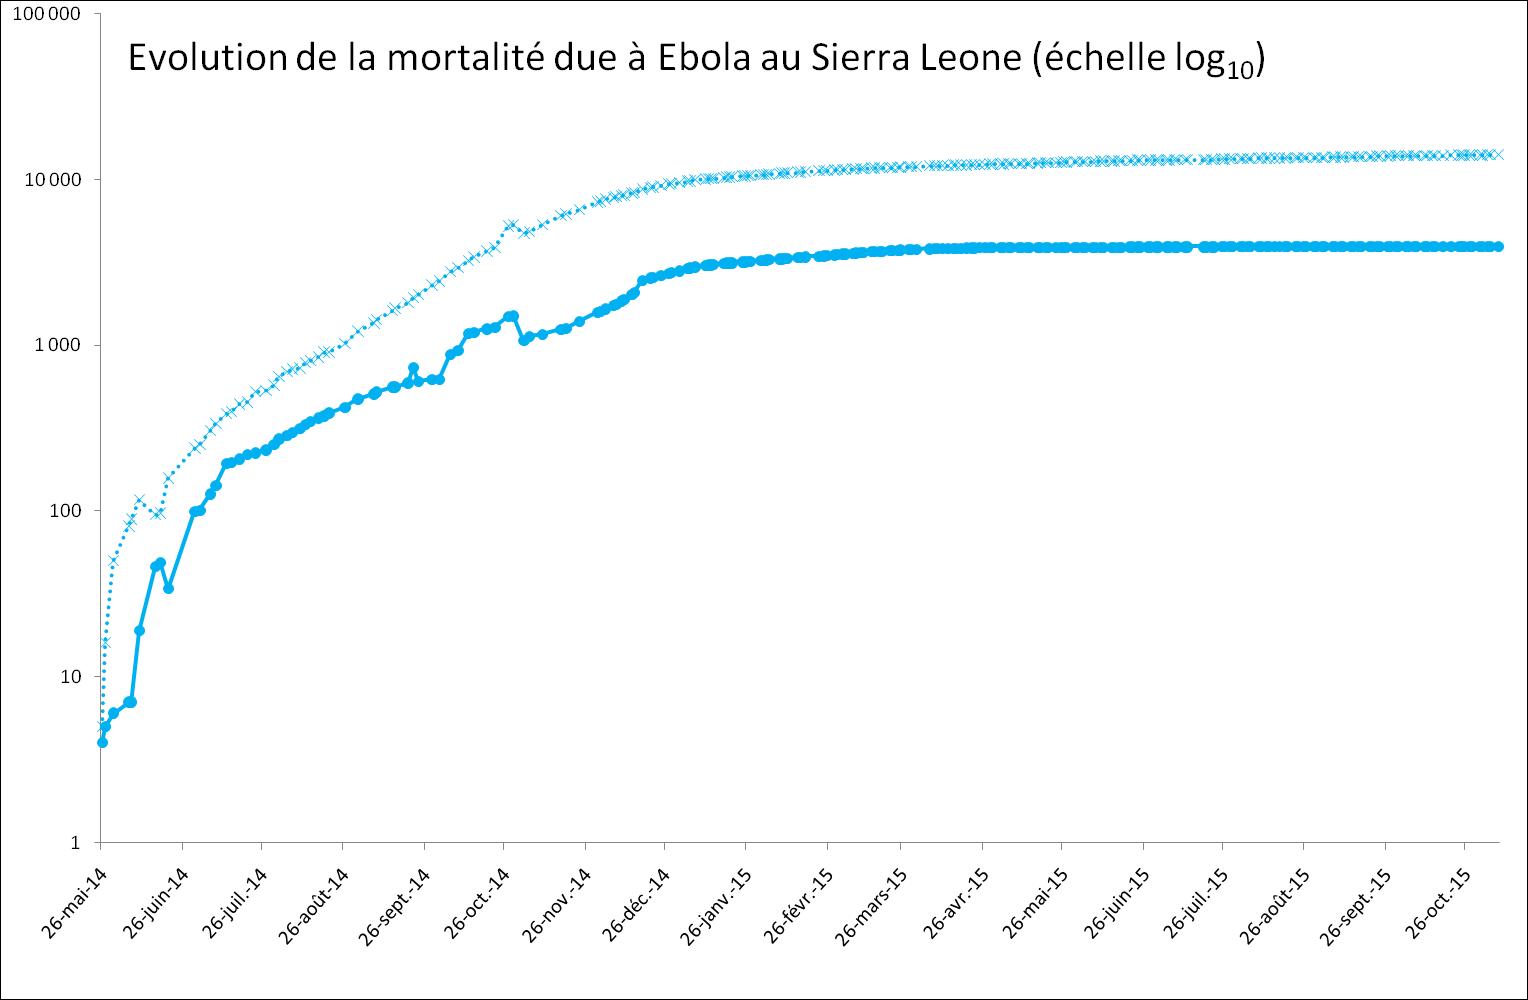 Evolution exponentielle de la mortalité provoquée par Ebola au Sierra Leone